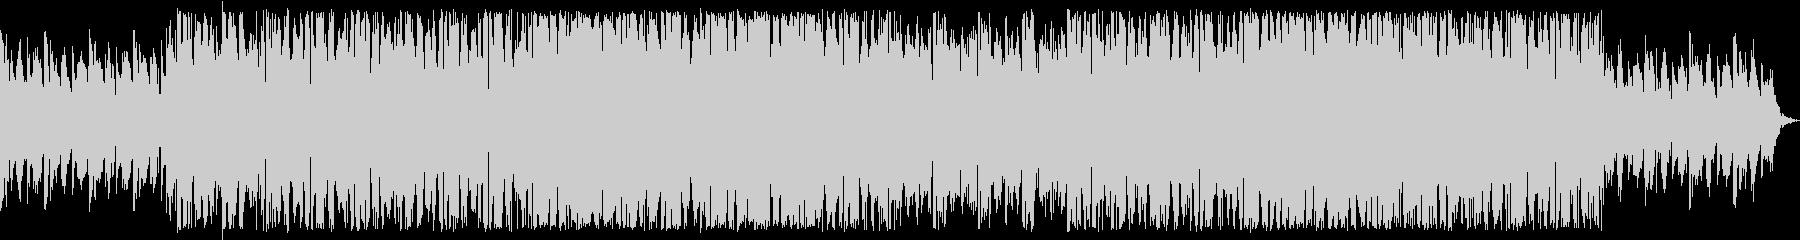 激しいテクノロック調のBGMの未再生の波形